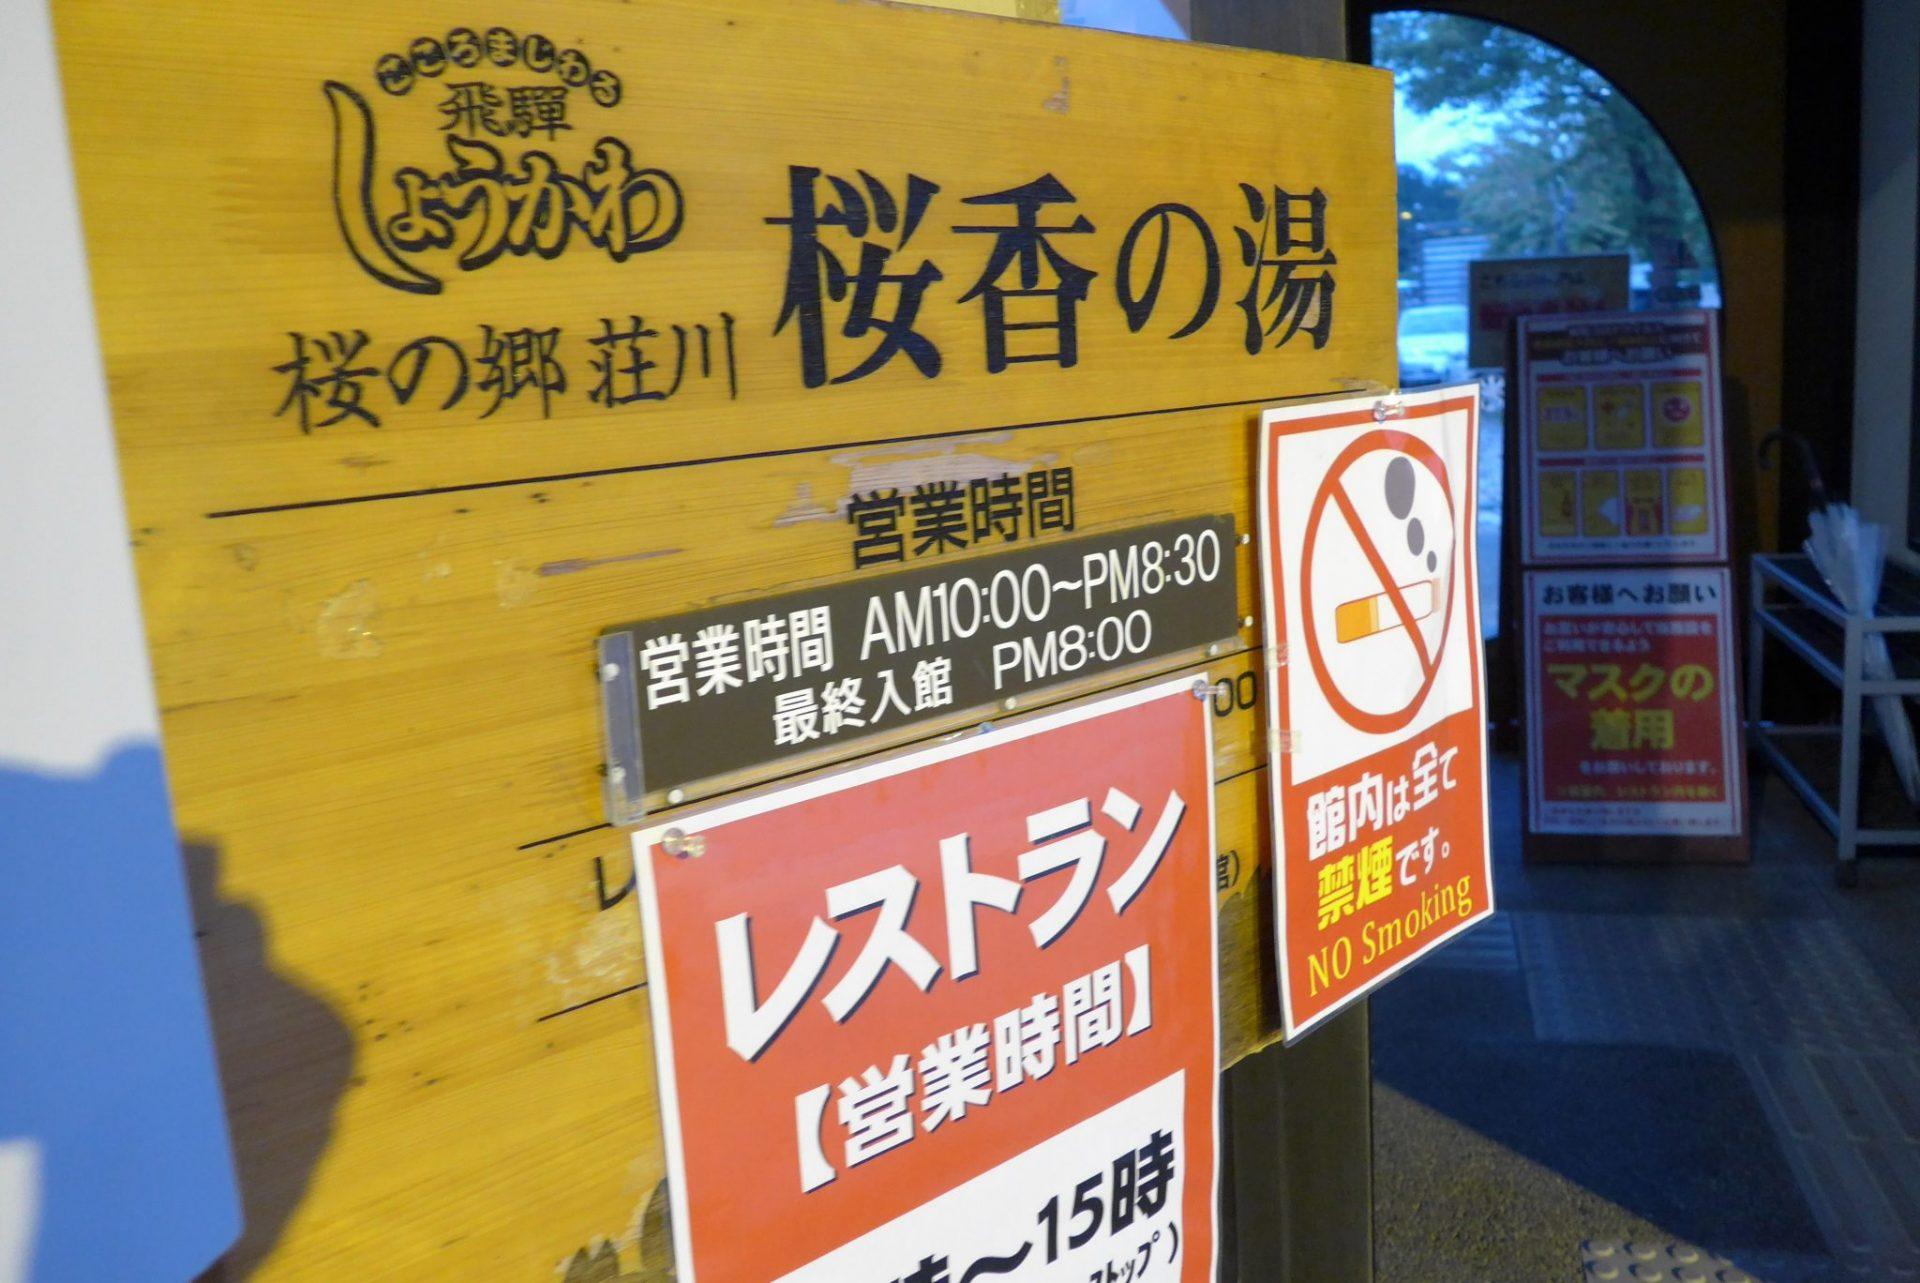 (K)ひだ荘川温泉桜香の湯〜道の駅併設で車中泊に最適な日帰り温泉